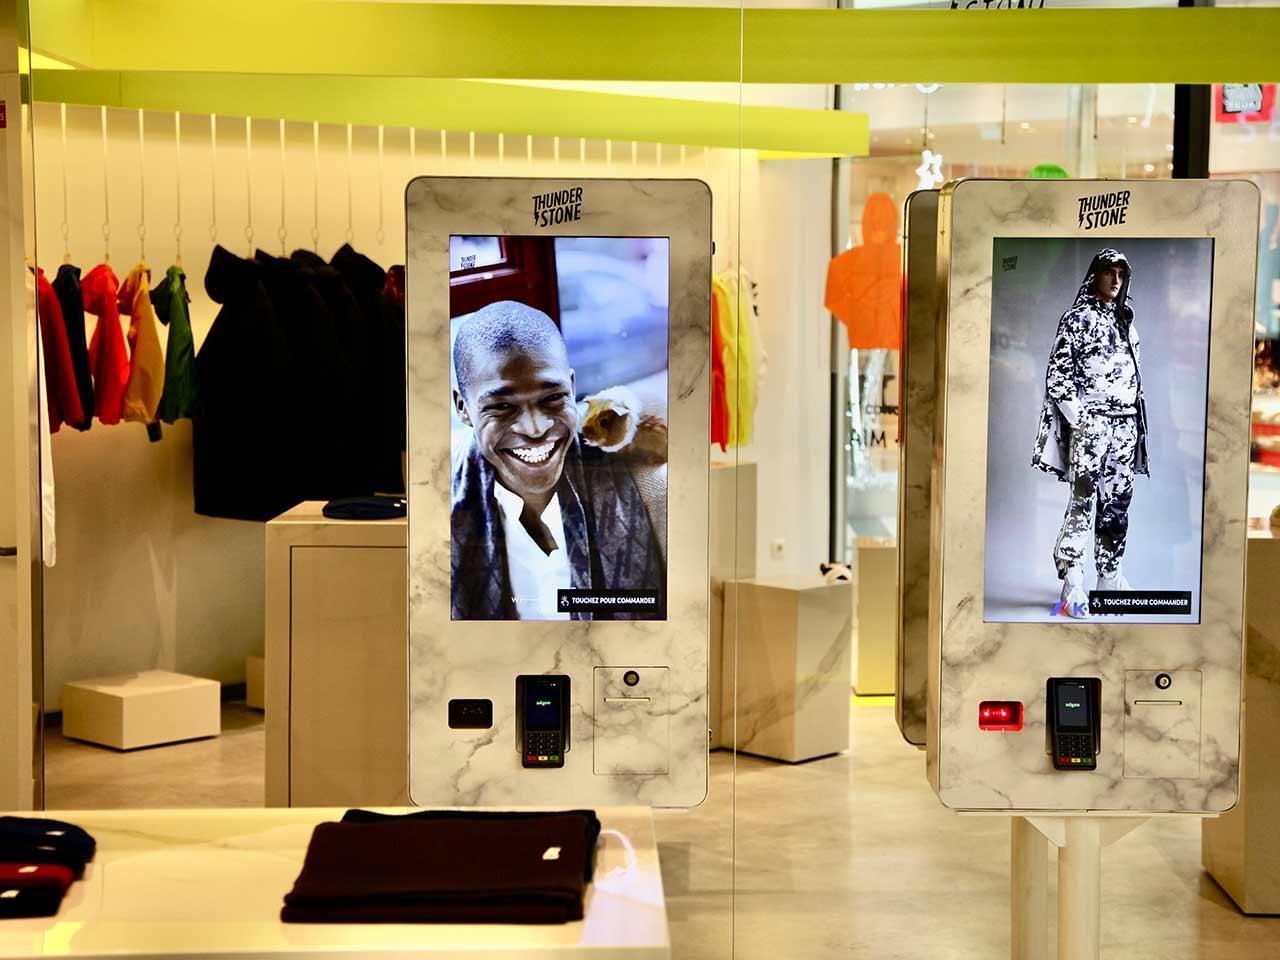 Thunderstone Quand Point De Vente Et Digital Font La Paire Leather Fashion Design Lfd